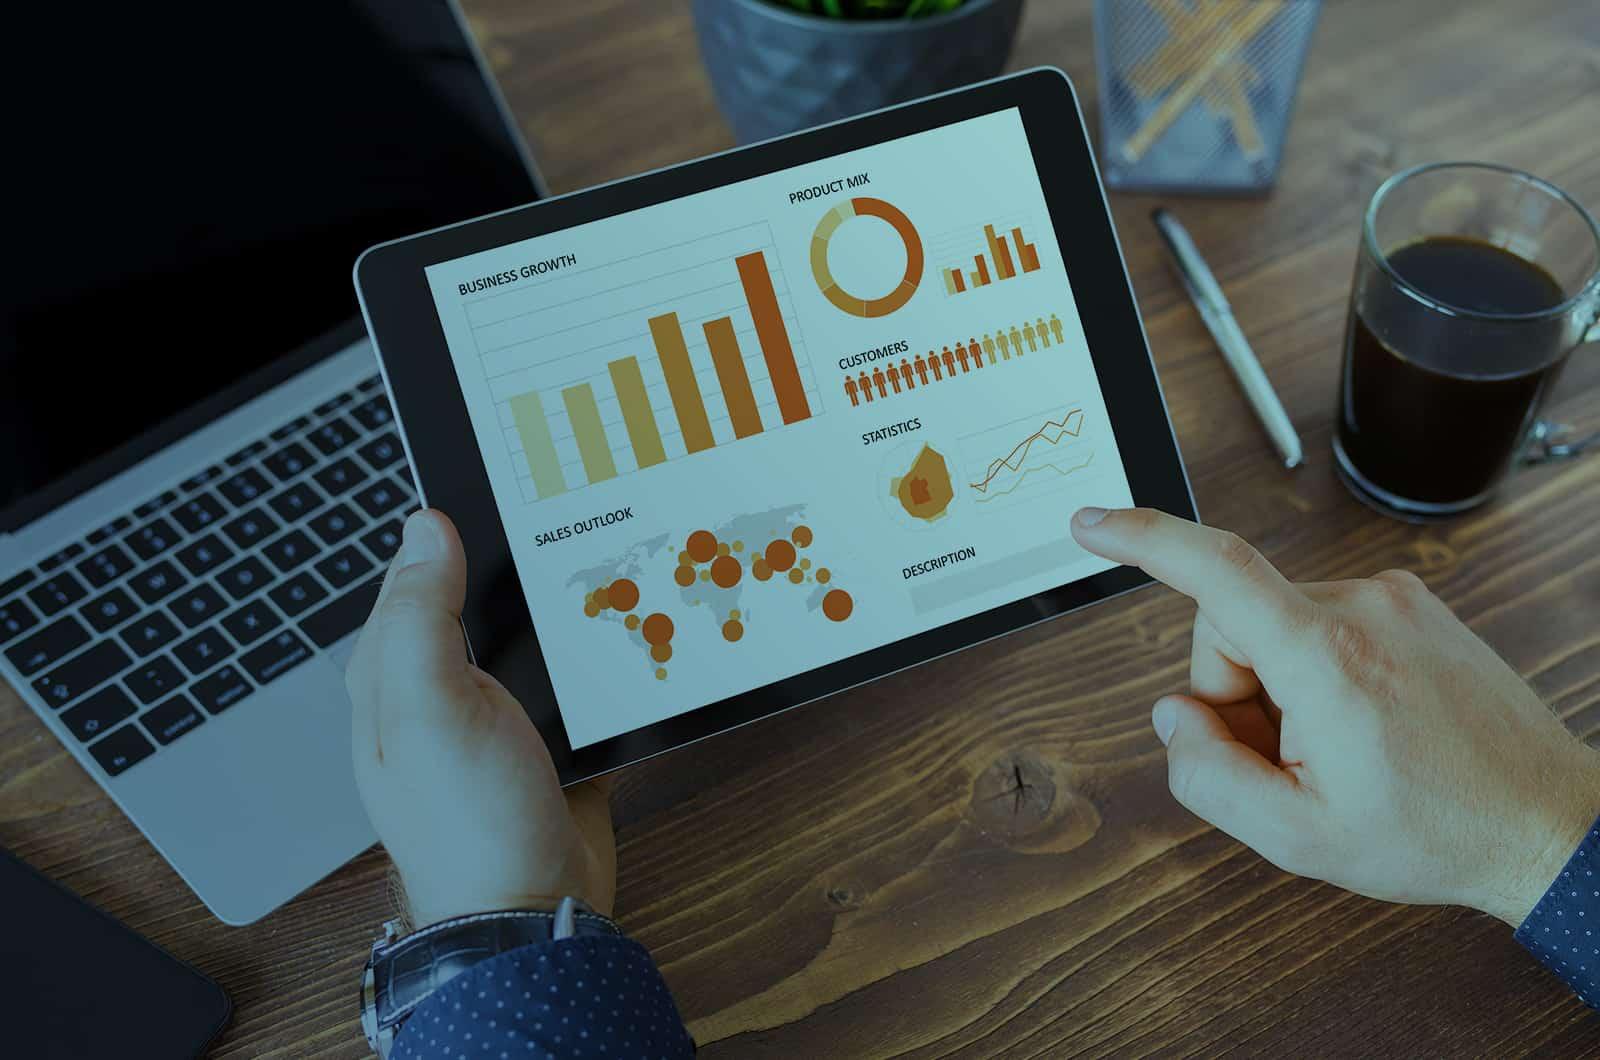 iPad e MacBook Pro utilizzati da un manager